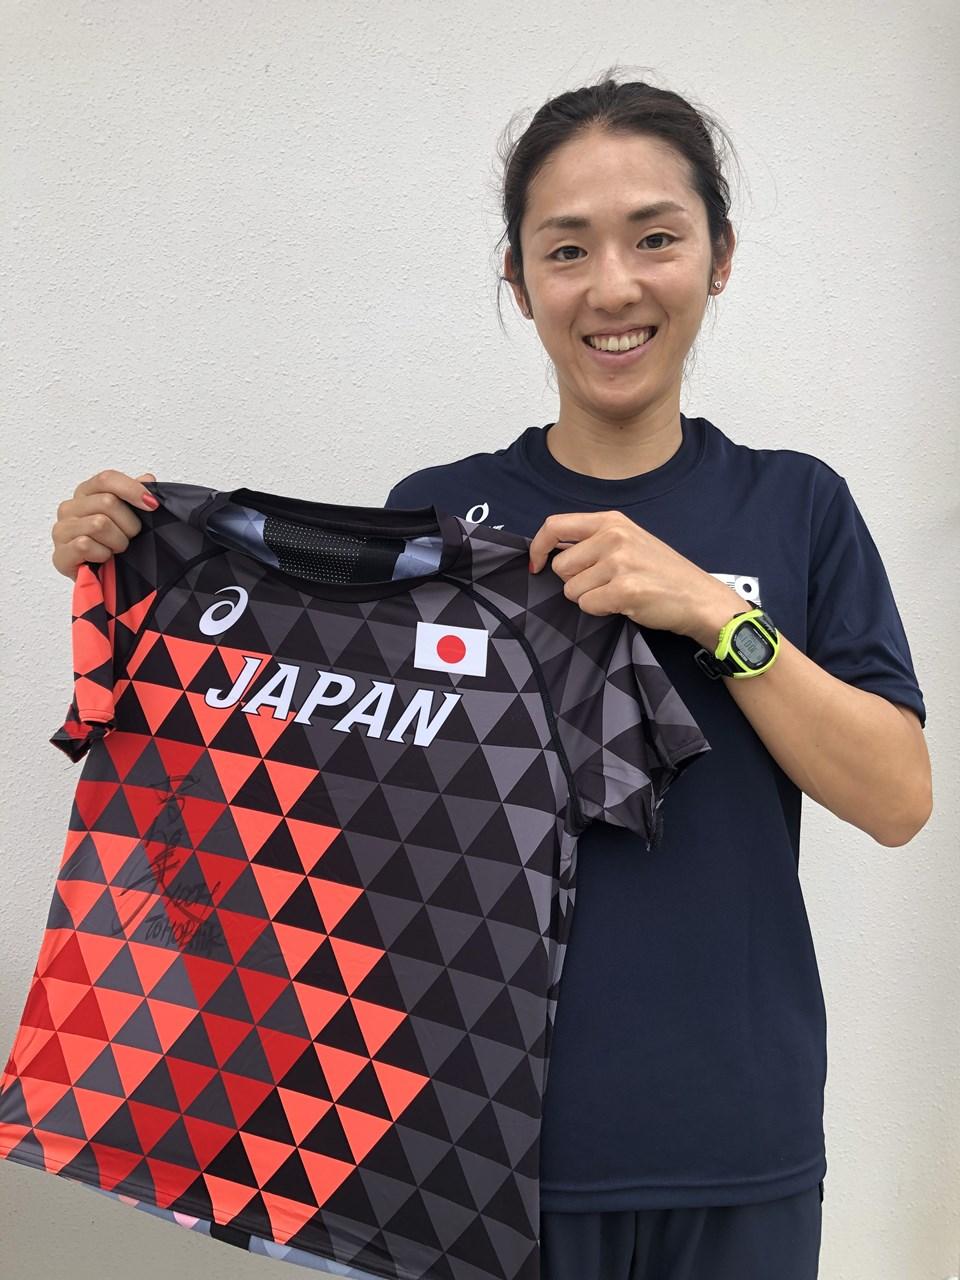 【日本陸連公式】紫村 仁美 選手